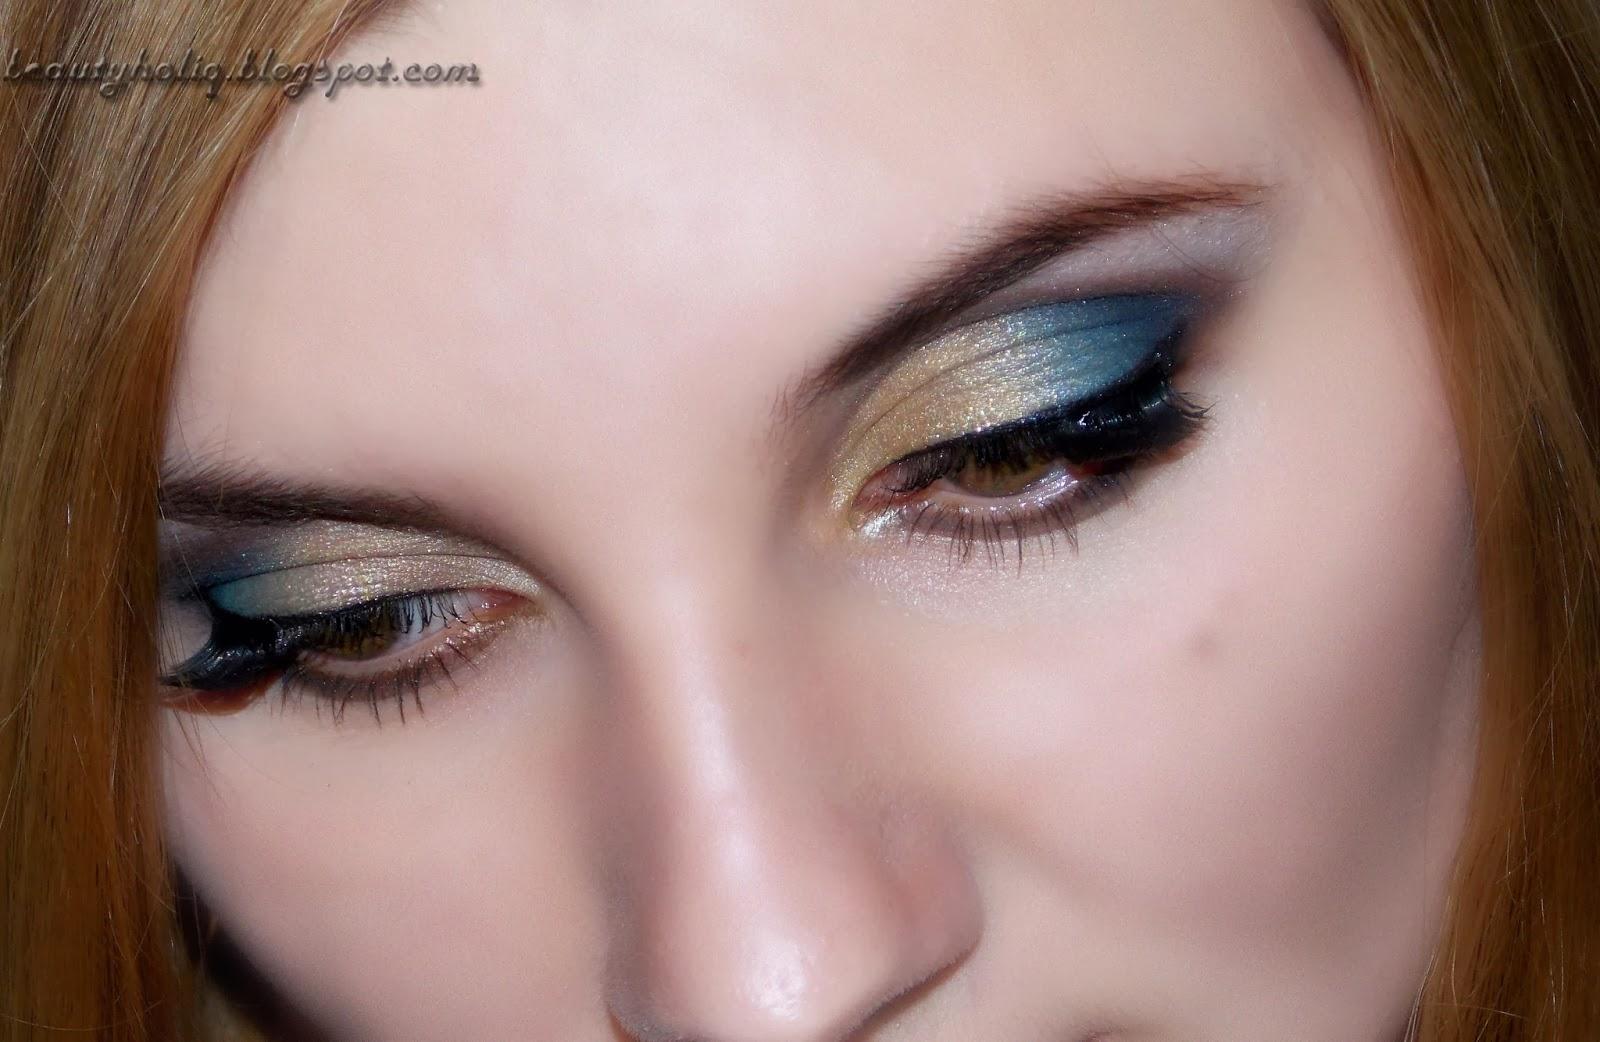 Как красиво накрасить глаза. Эффект накладных ресниц